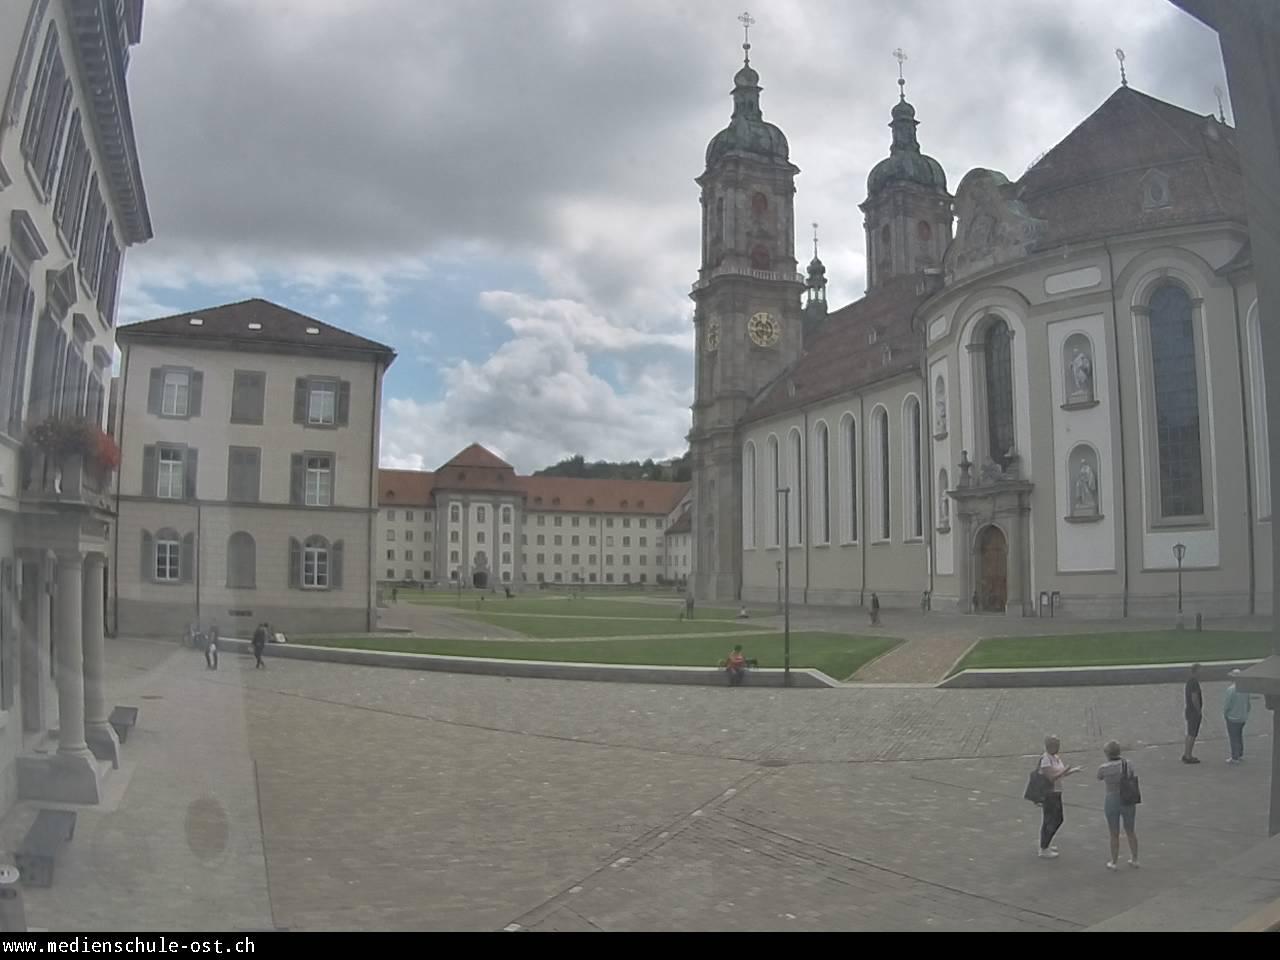 St. Gallen Do. 11:46